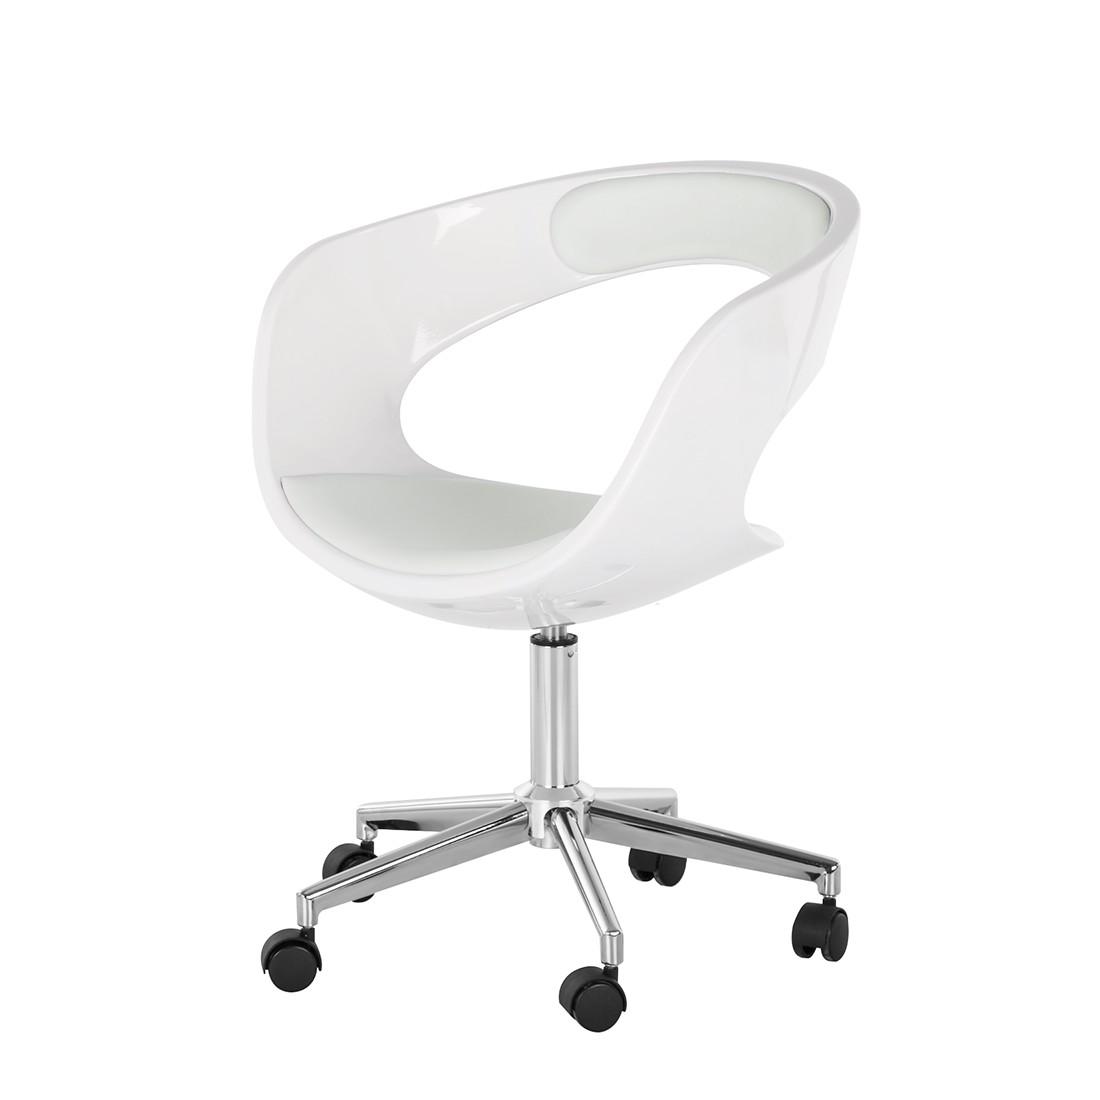 Home 24 - Chaise de bureau pivotante la paz - imitation cuir - blanc, fredriks